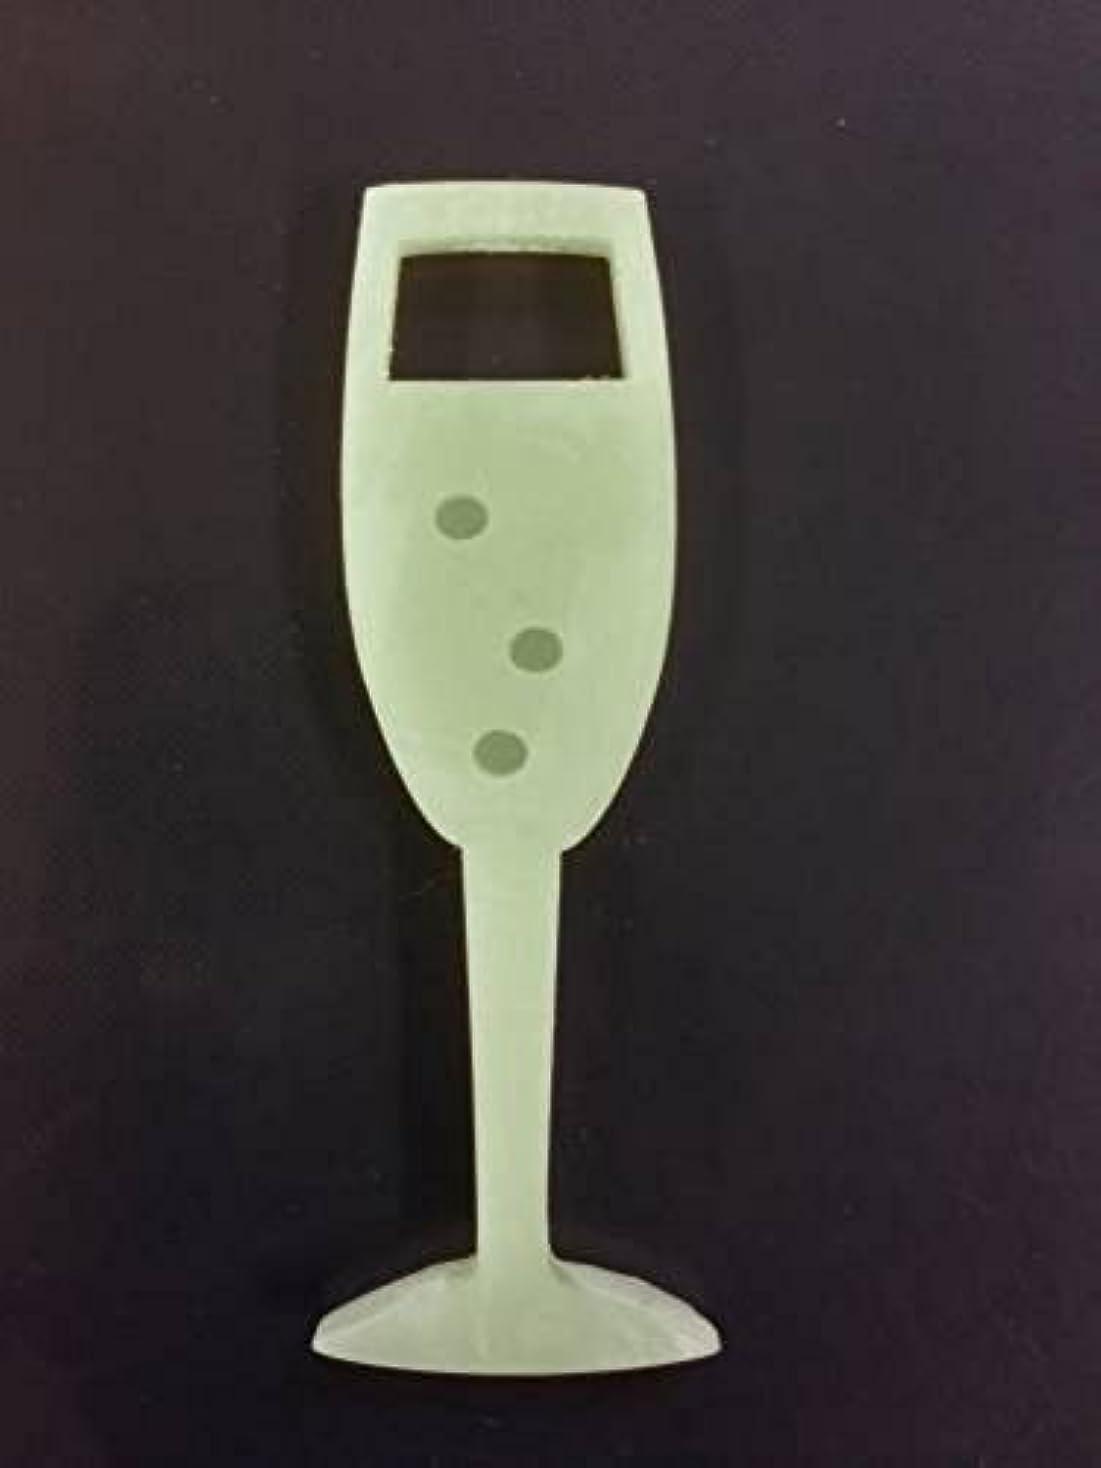 泥だらけ特権的コストGRASSE TOKYO AROMATICWAXチャーム「シャンパングラス」(GR) レモングラス アロマティックワックス グラーストウキョウ